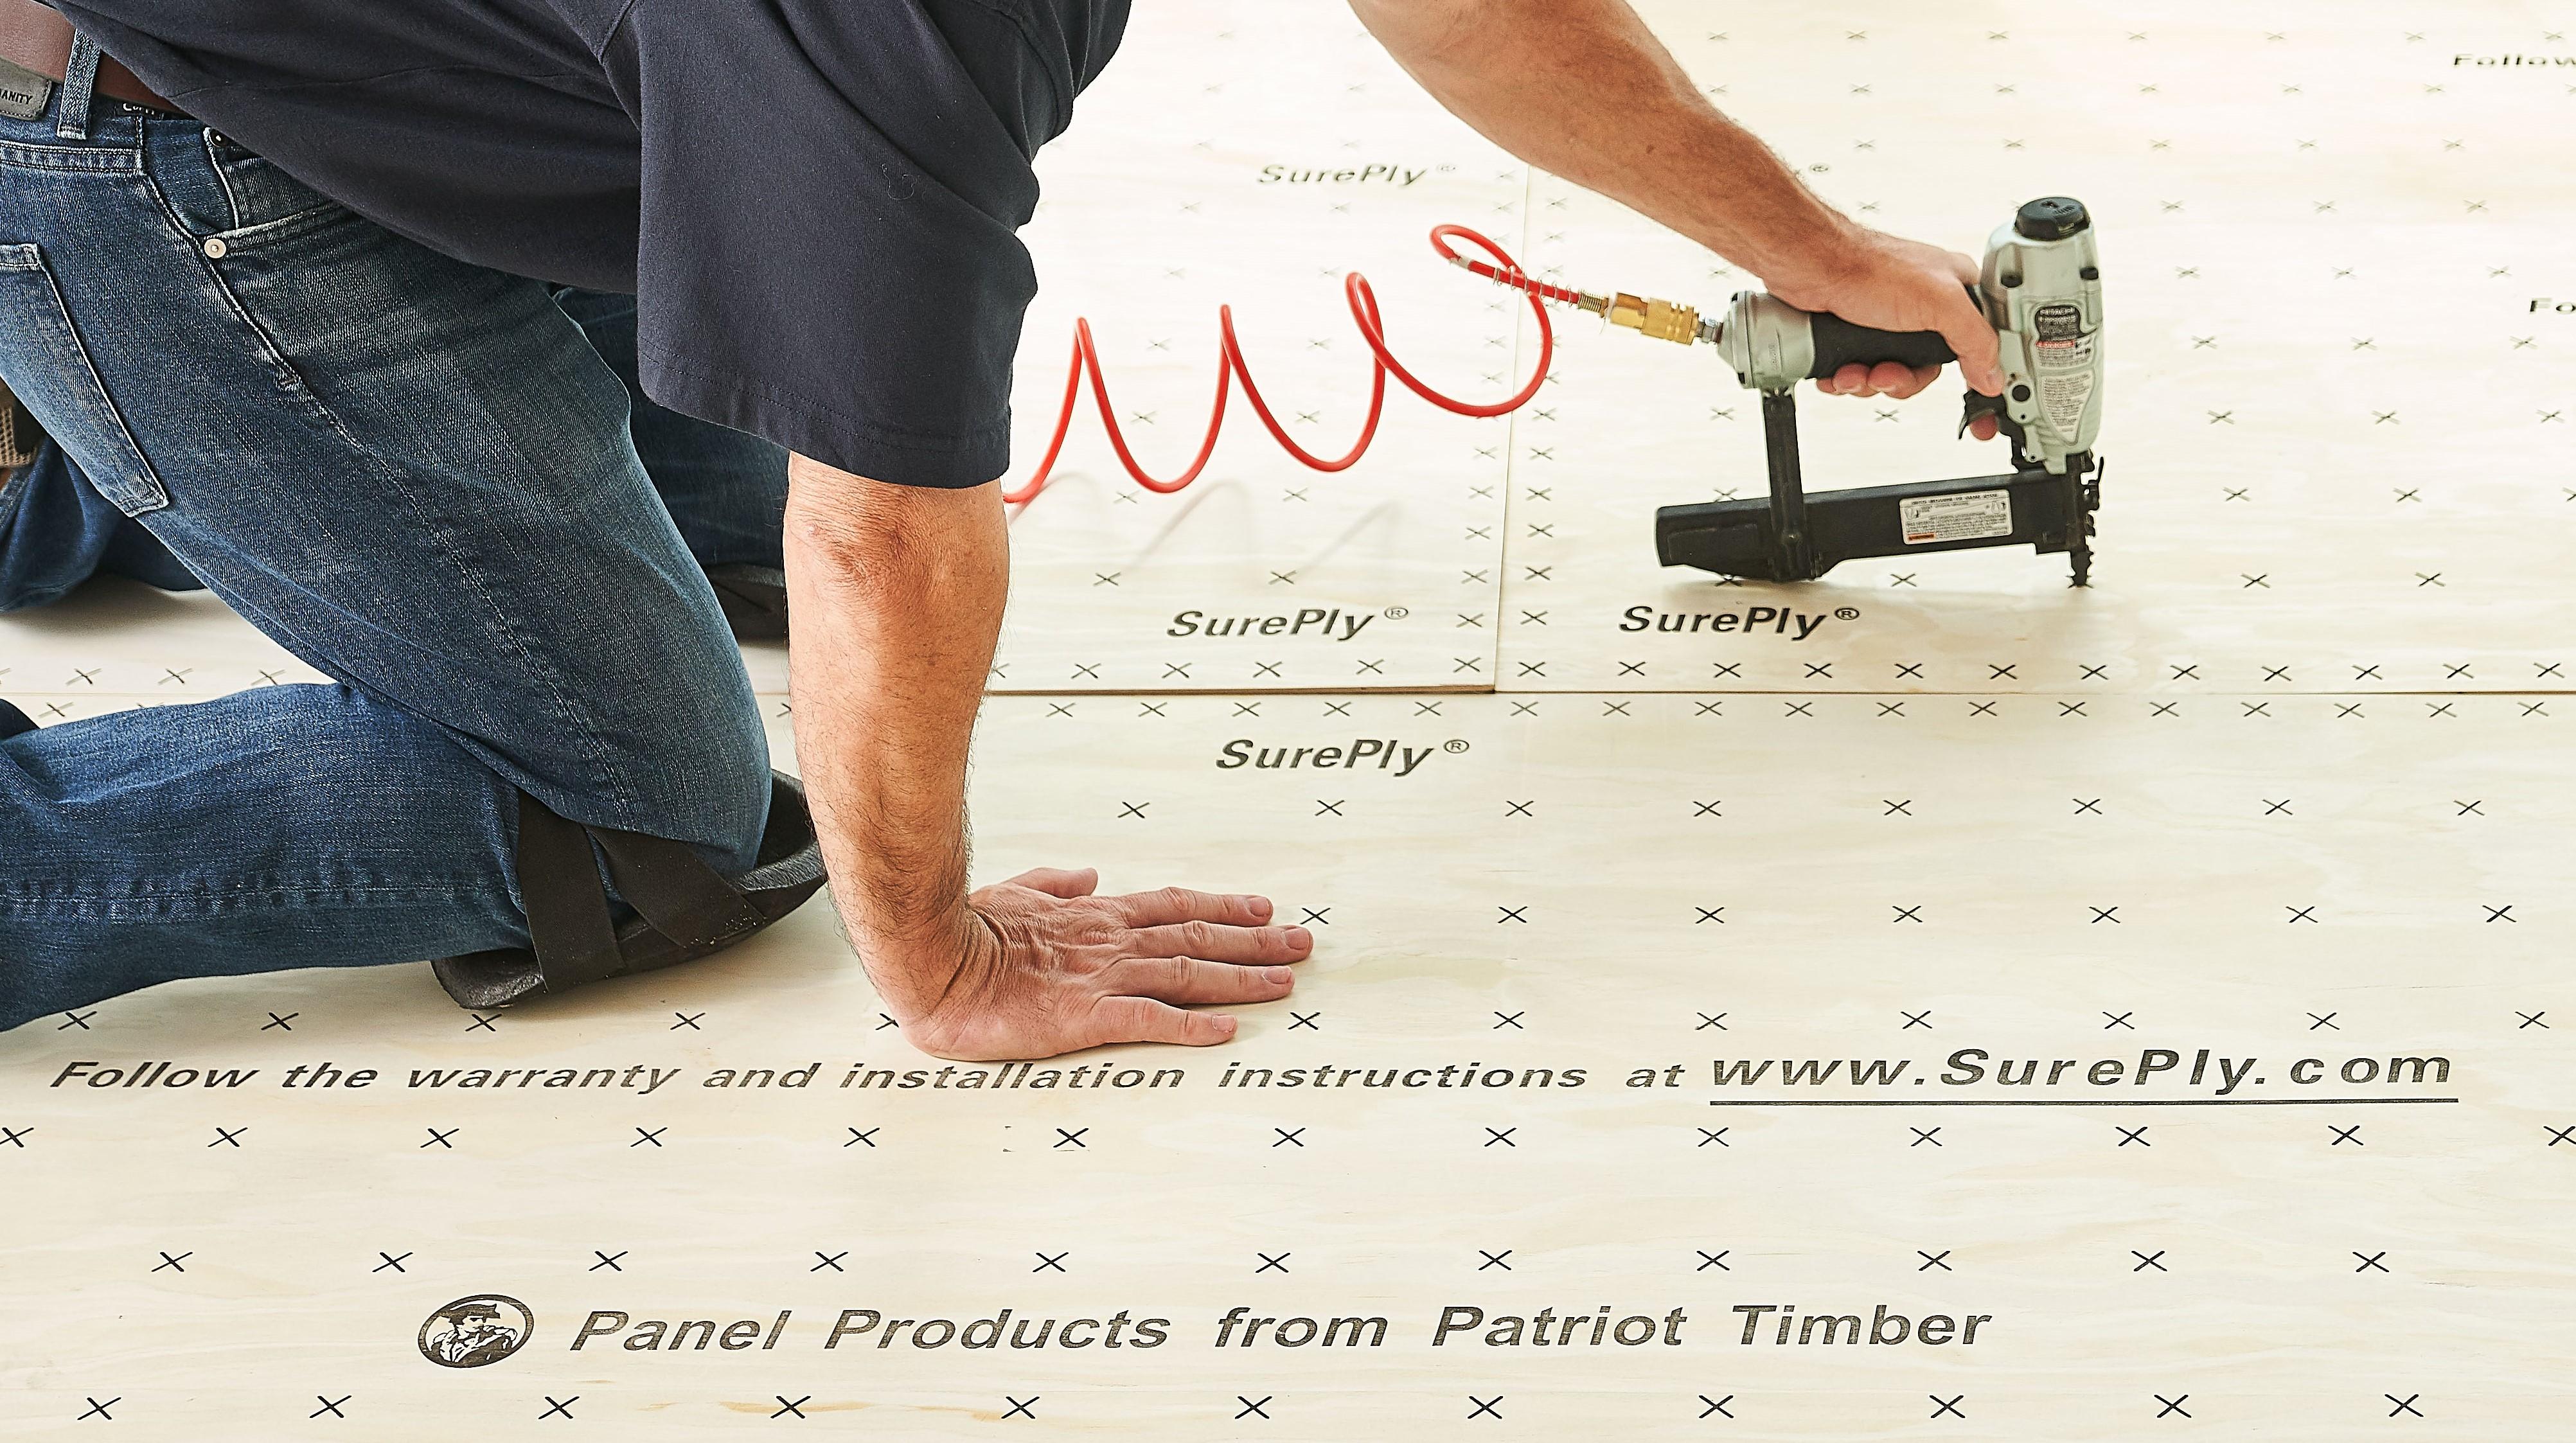 SurePly ® Premium Underlayment Installation